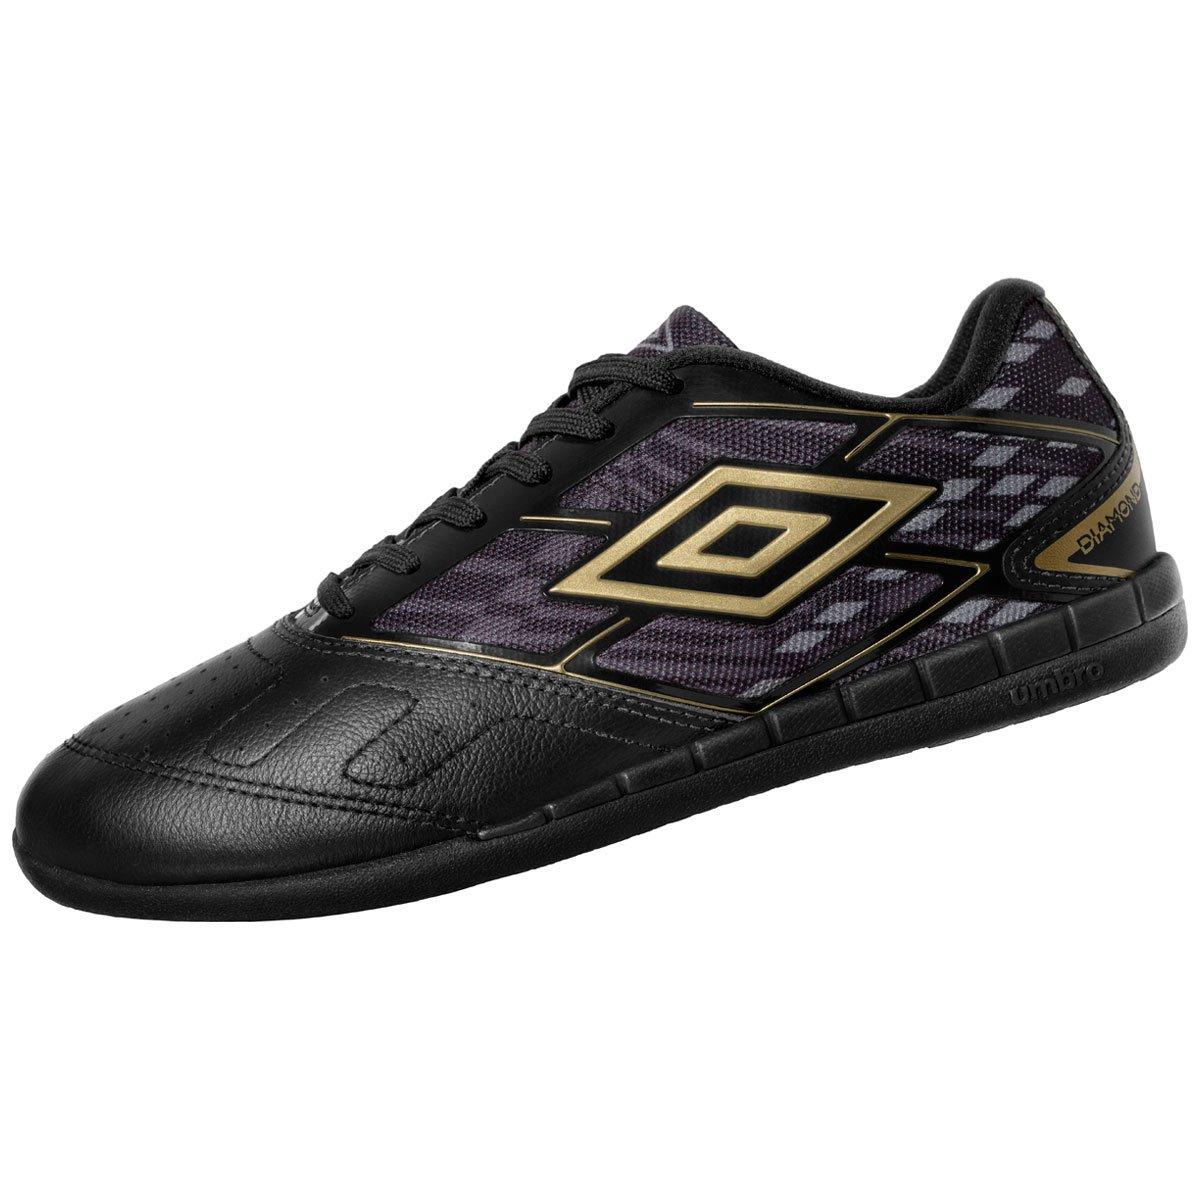 Chuteira Futsal Umbro Diamond Masculina - Compre Agora  9662e224ae092